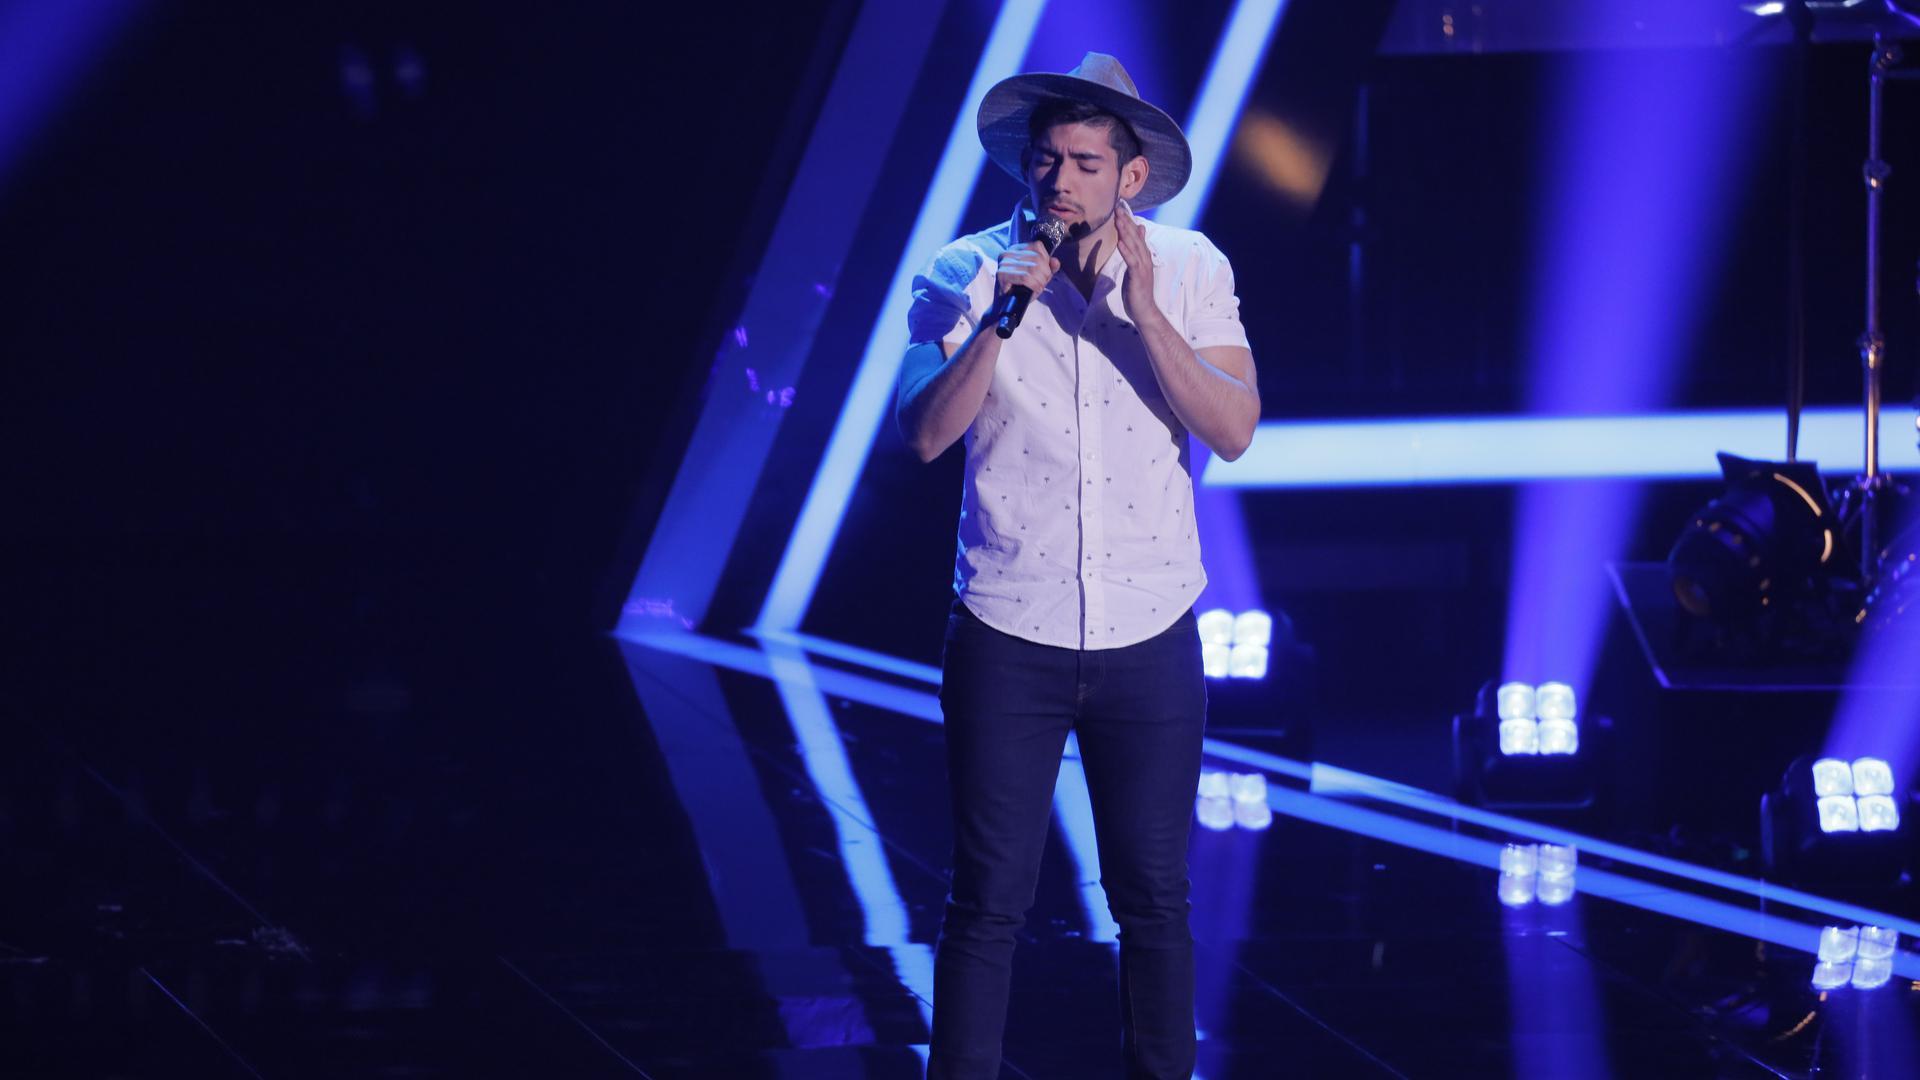 Sänger Musik Bühne